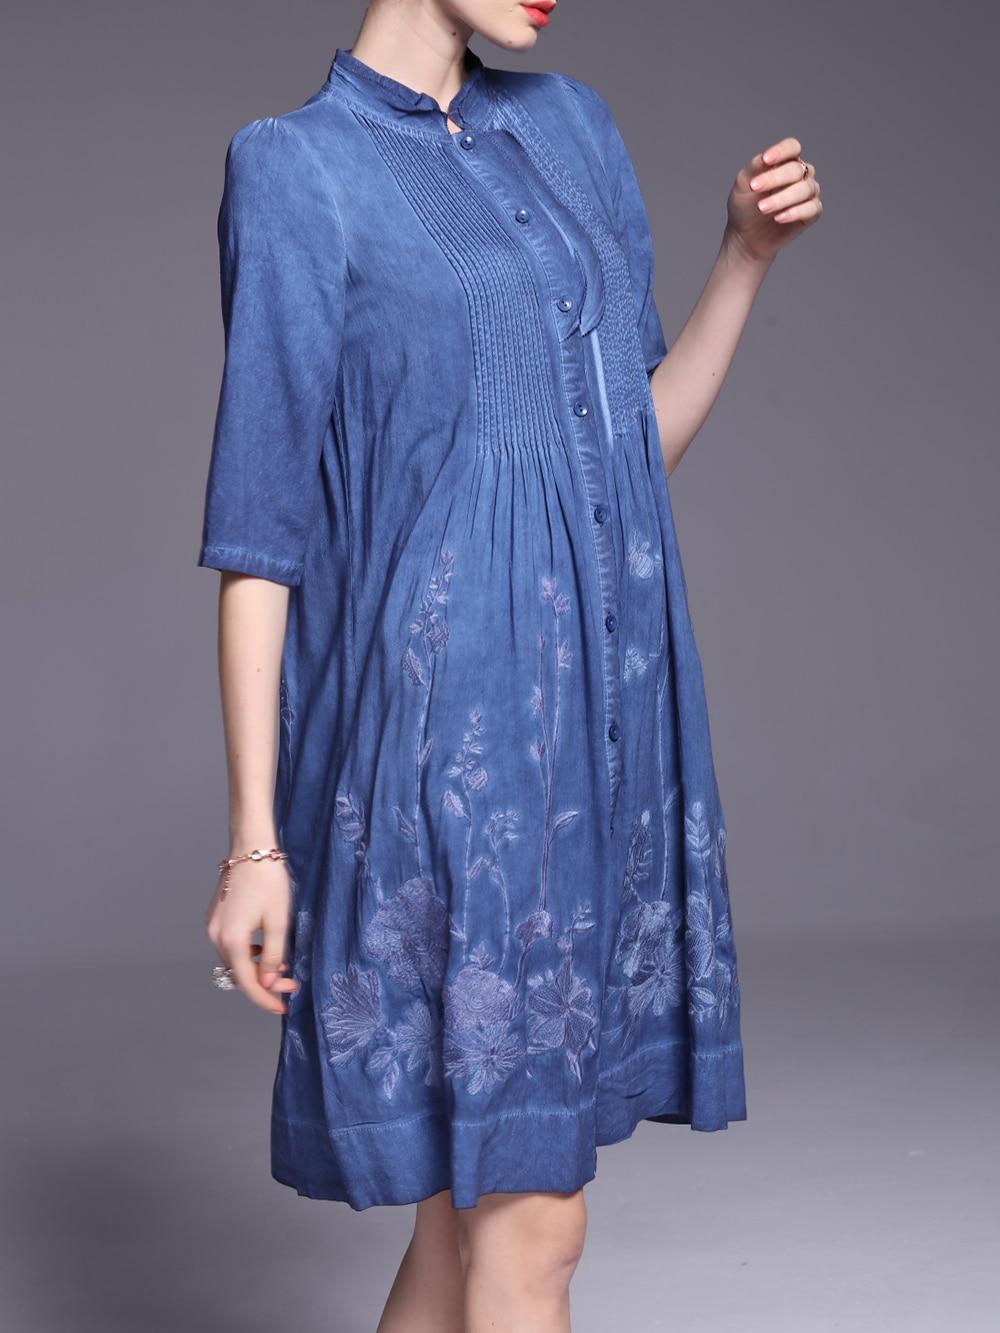 dress170311613_2